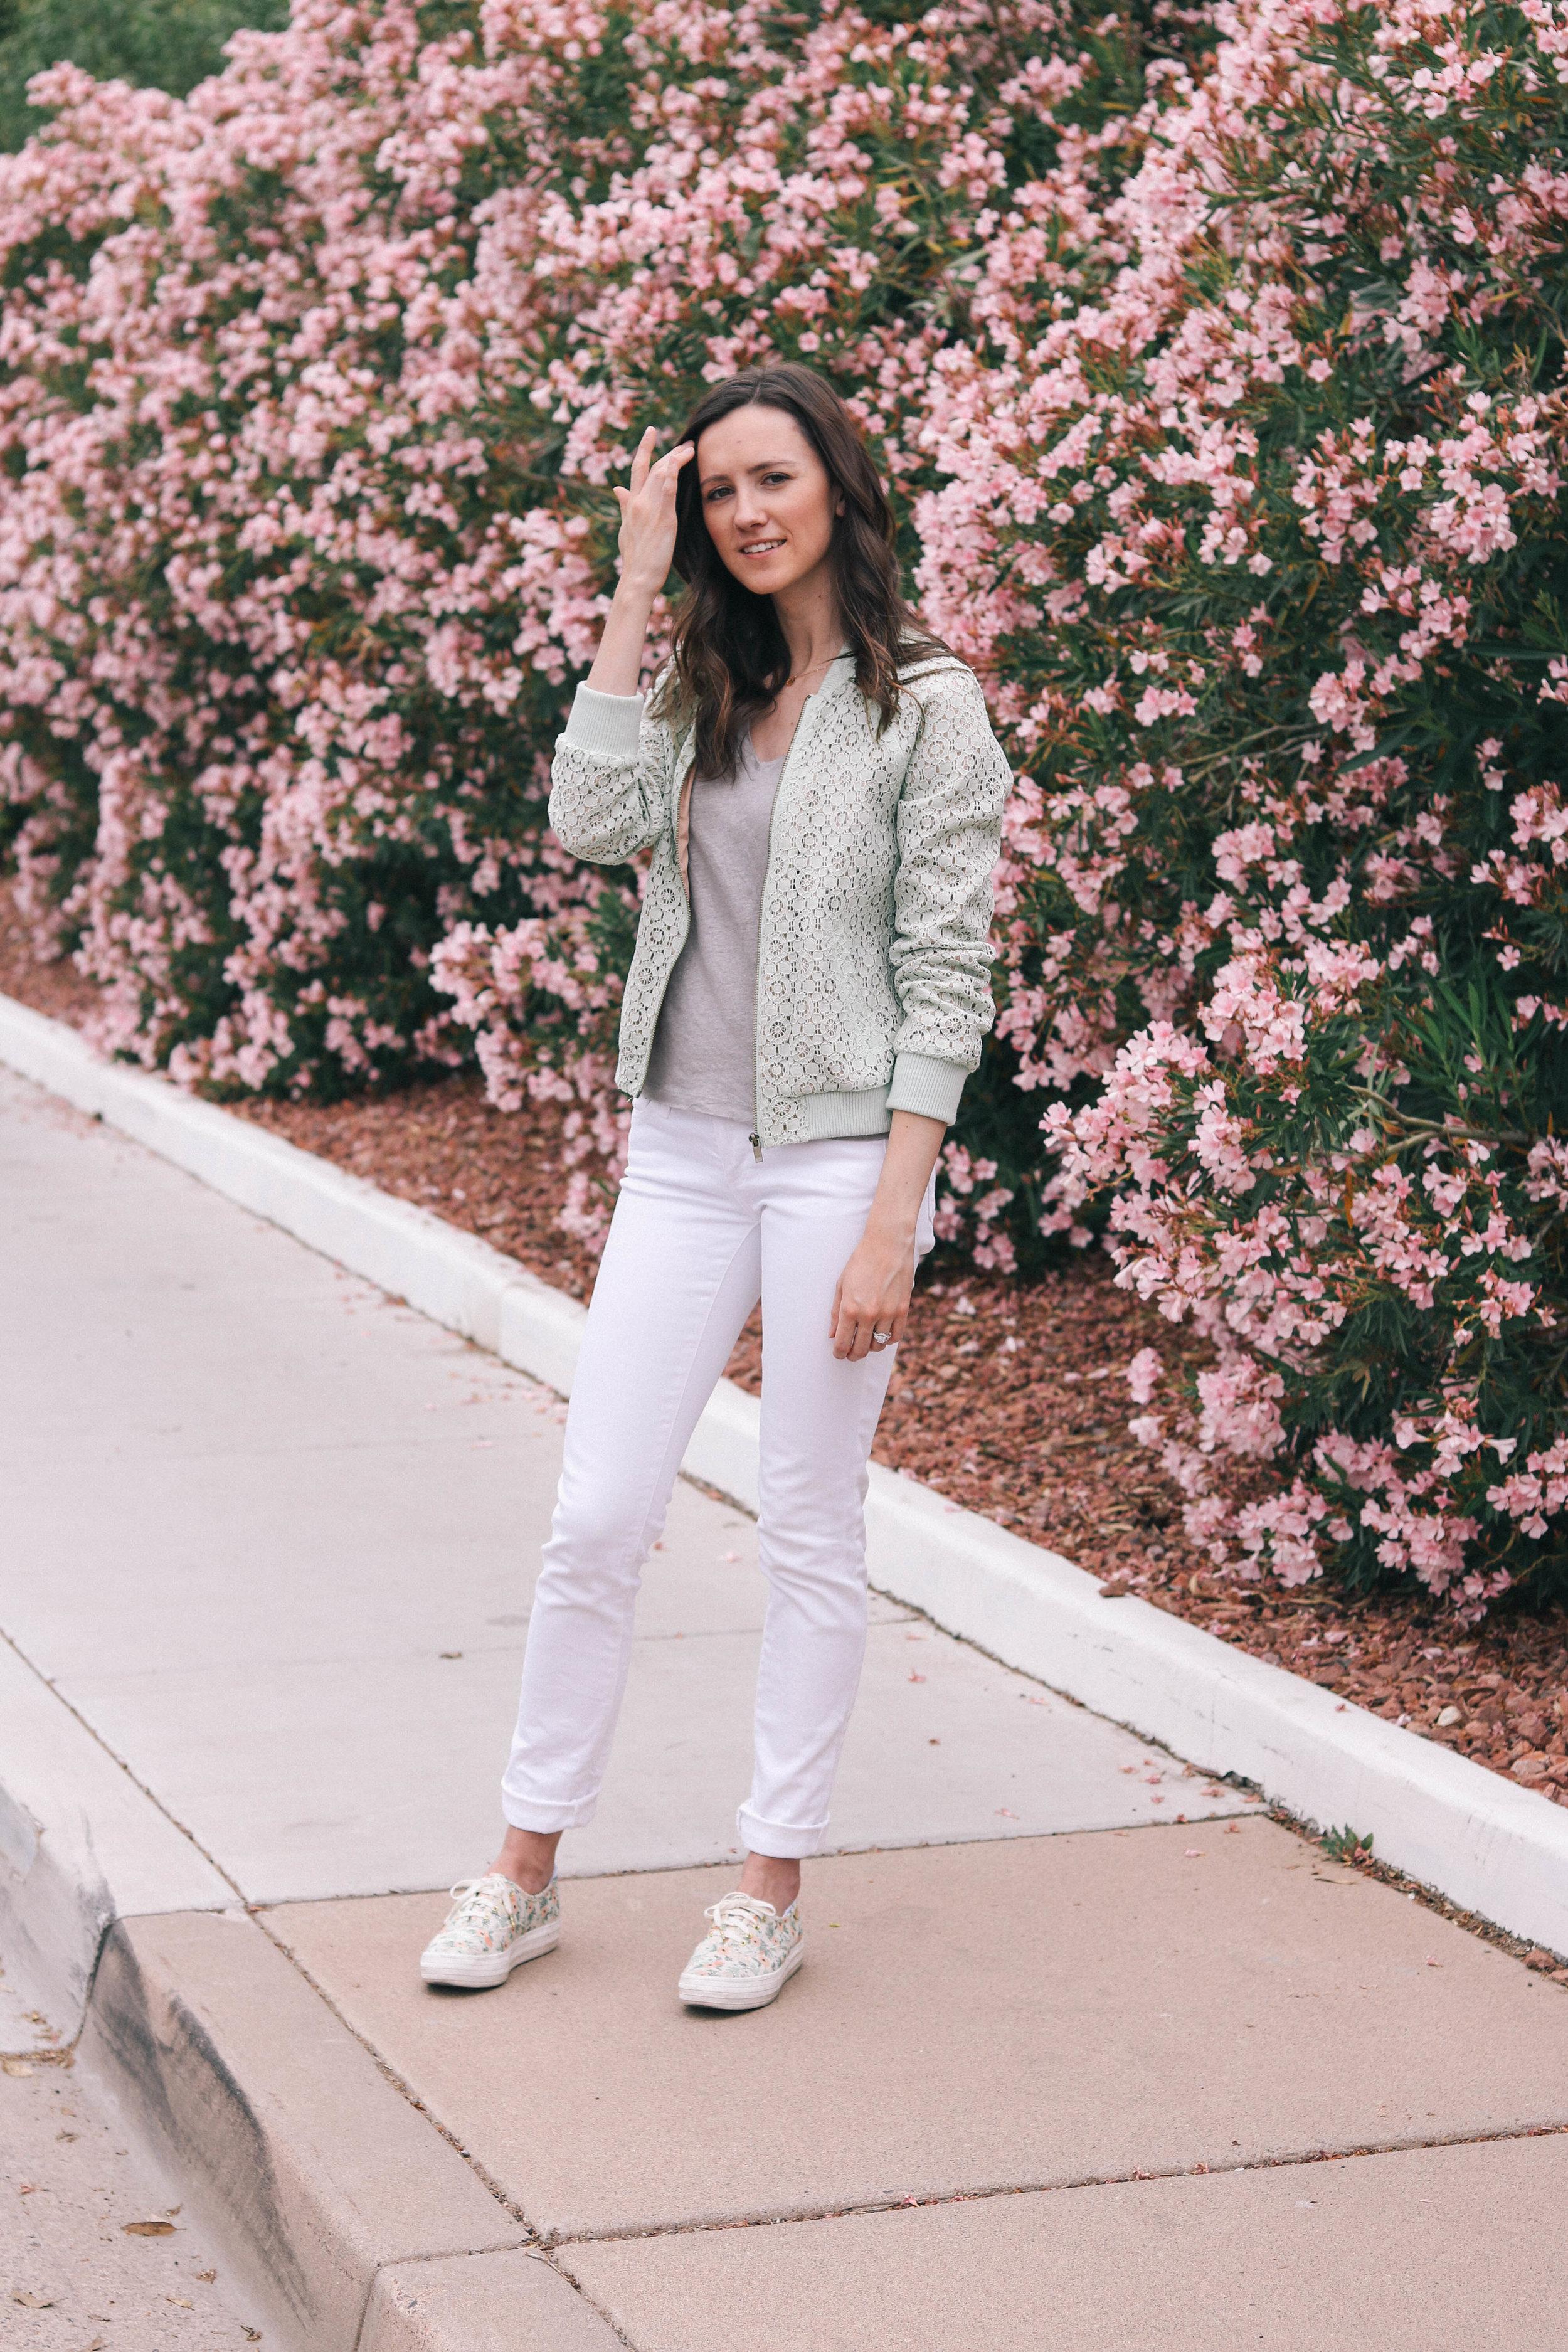 bb-flowers-jacket-002 (1 of 1).jpg